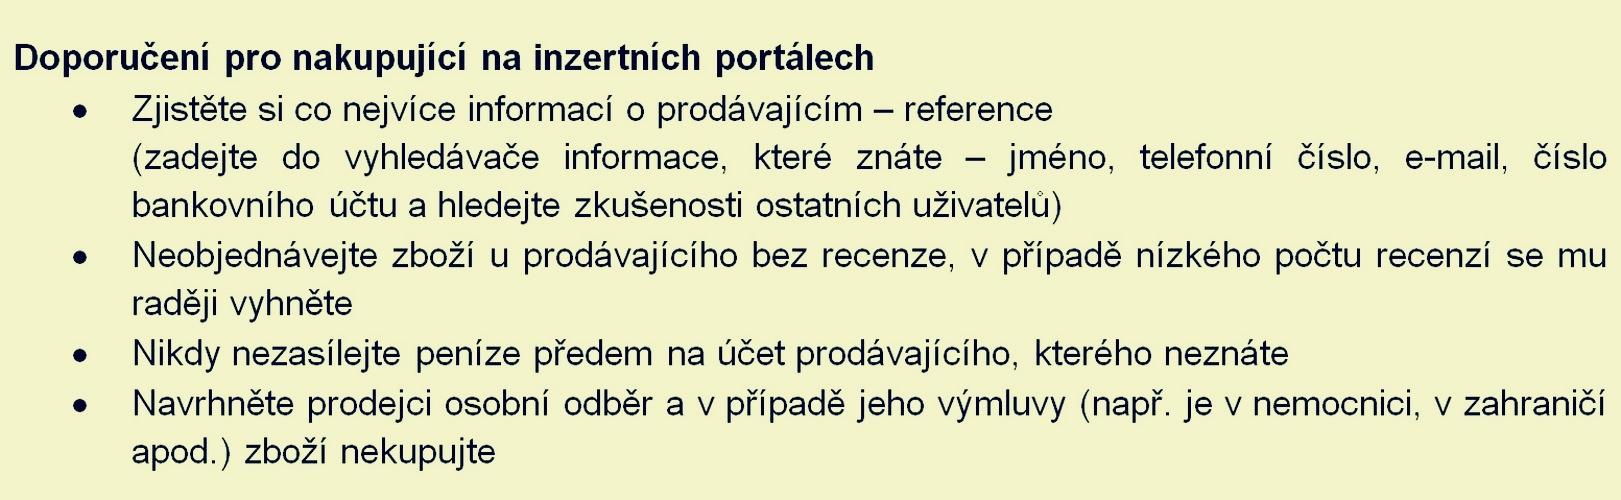 policie doporučuje zdroj: PČR